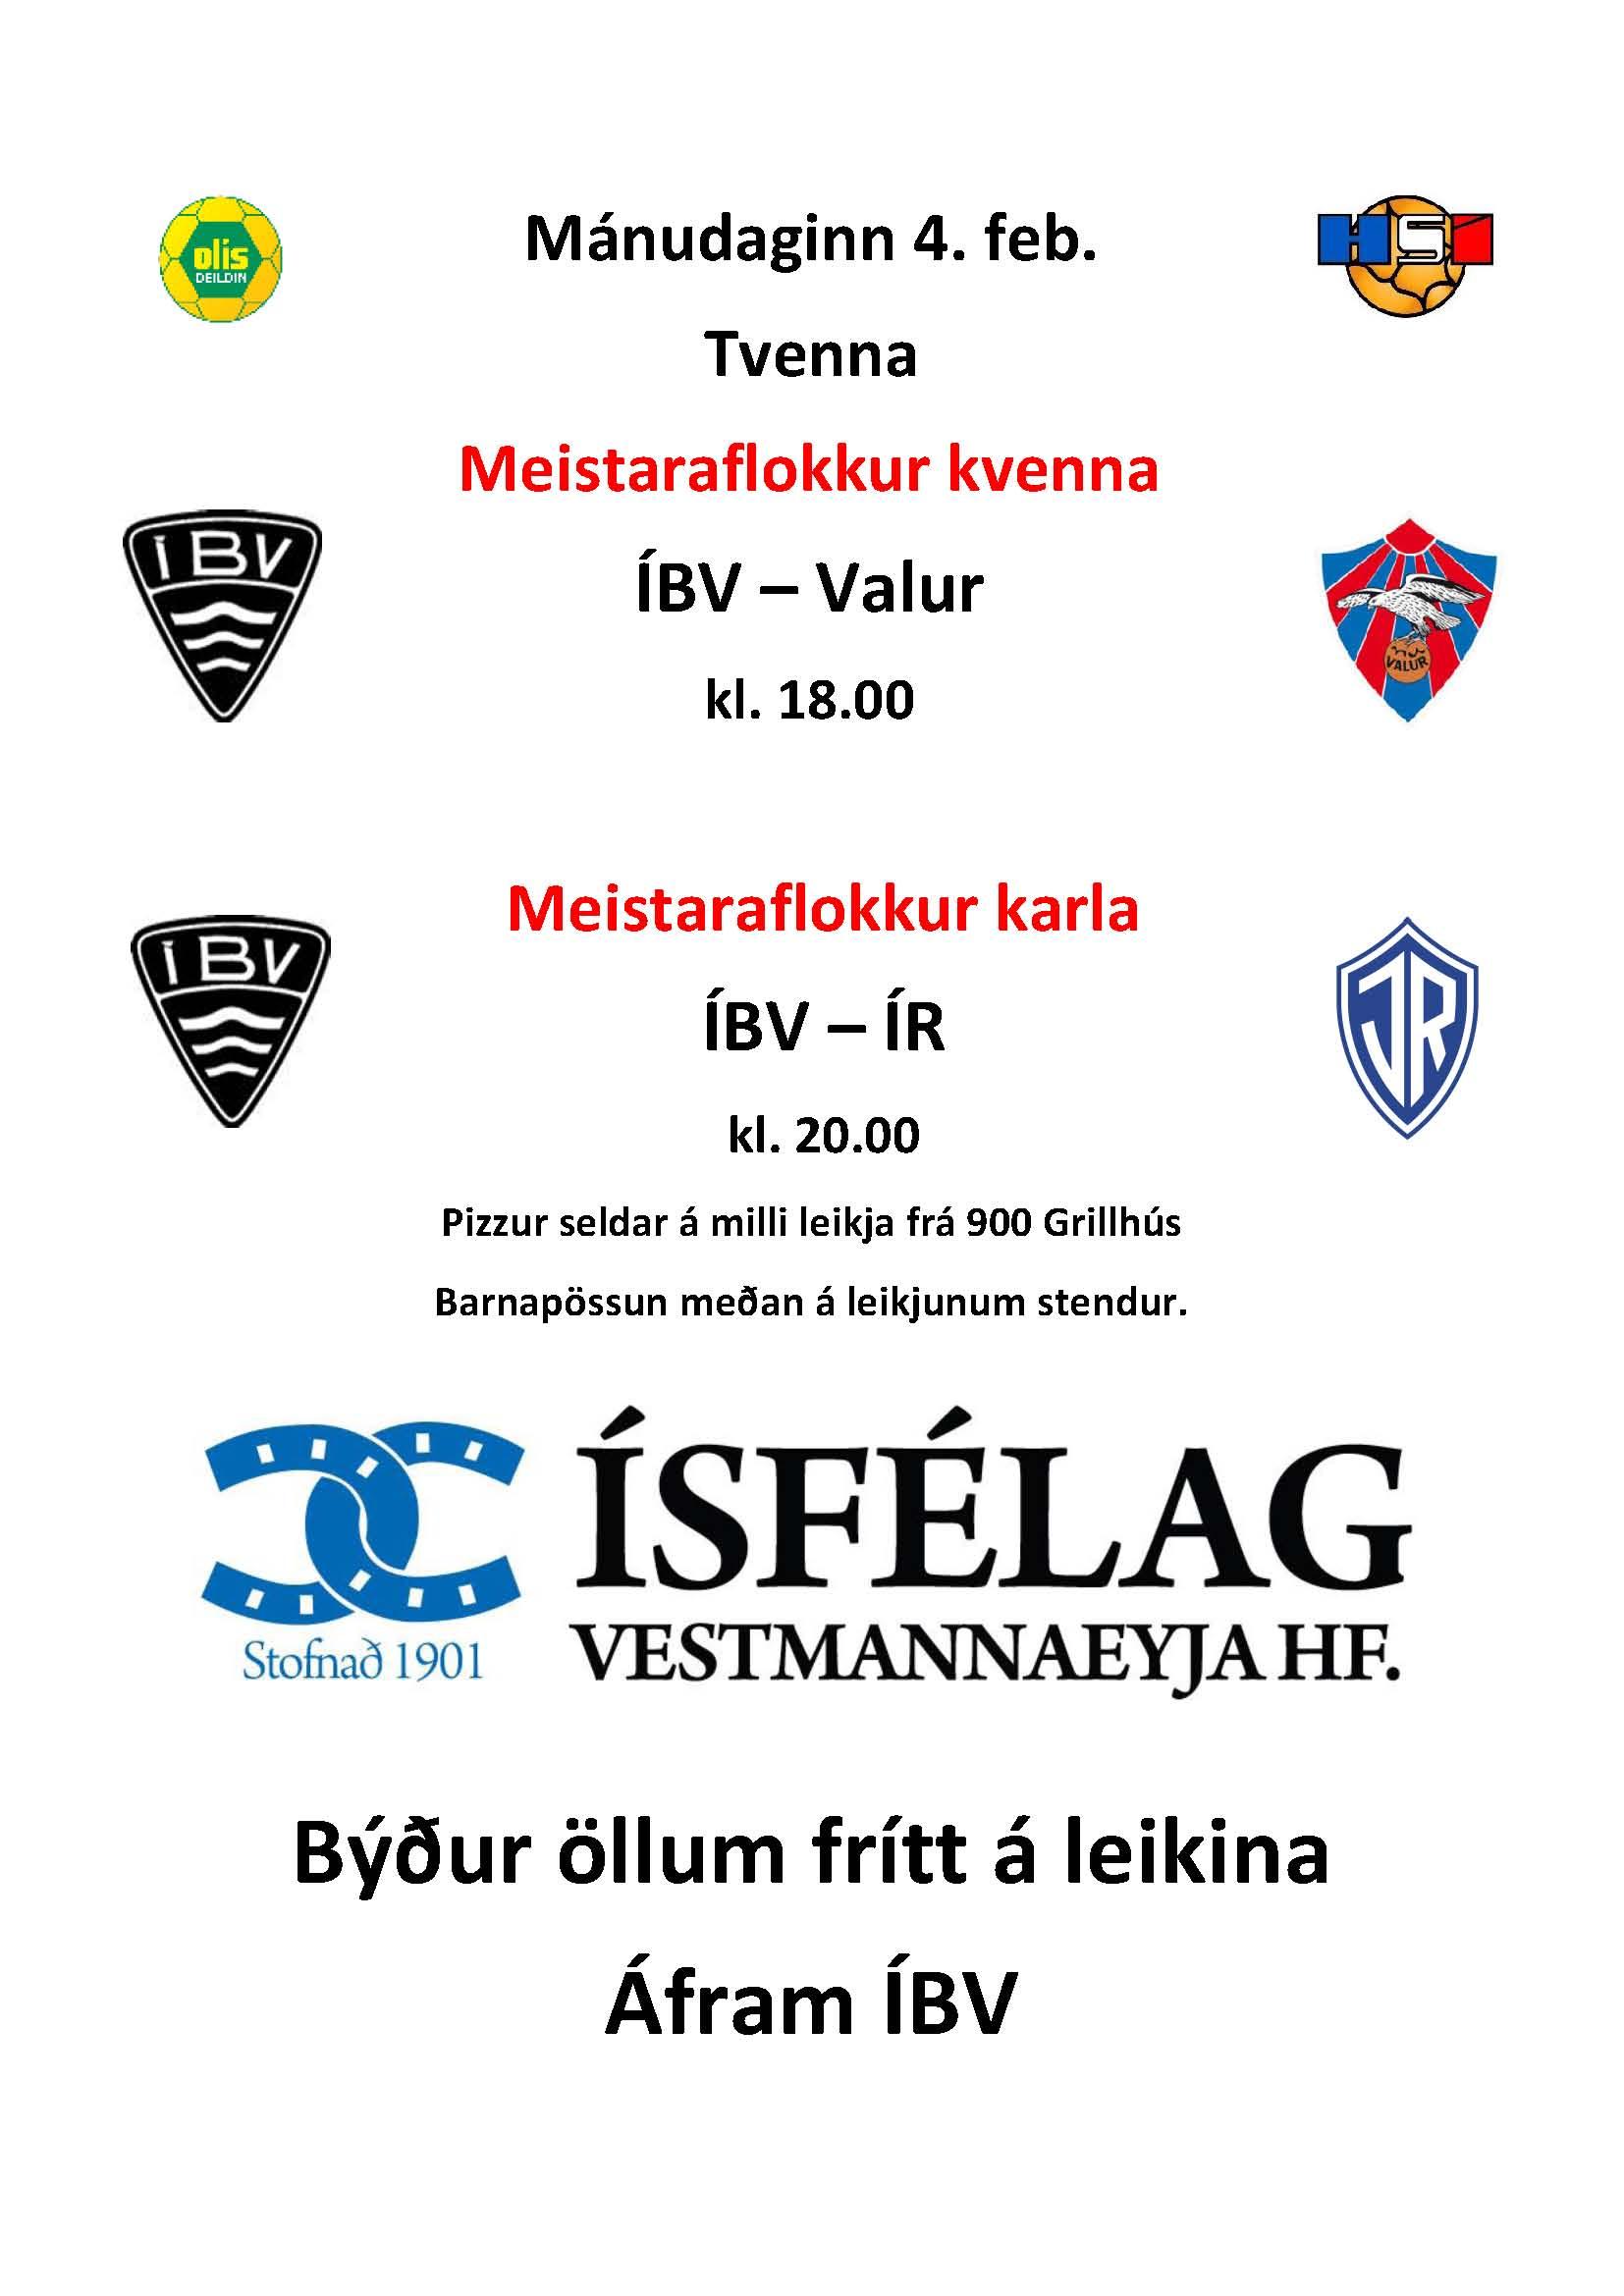 bv-tvenna-4-feb-2019-sflagi